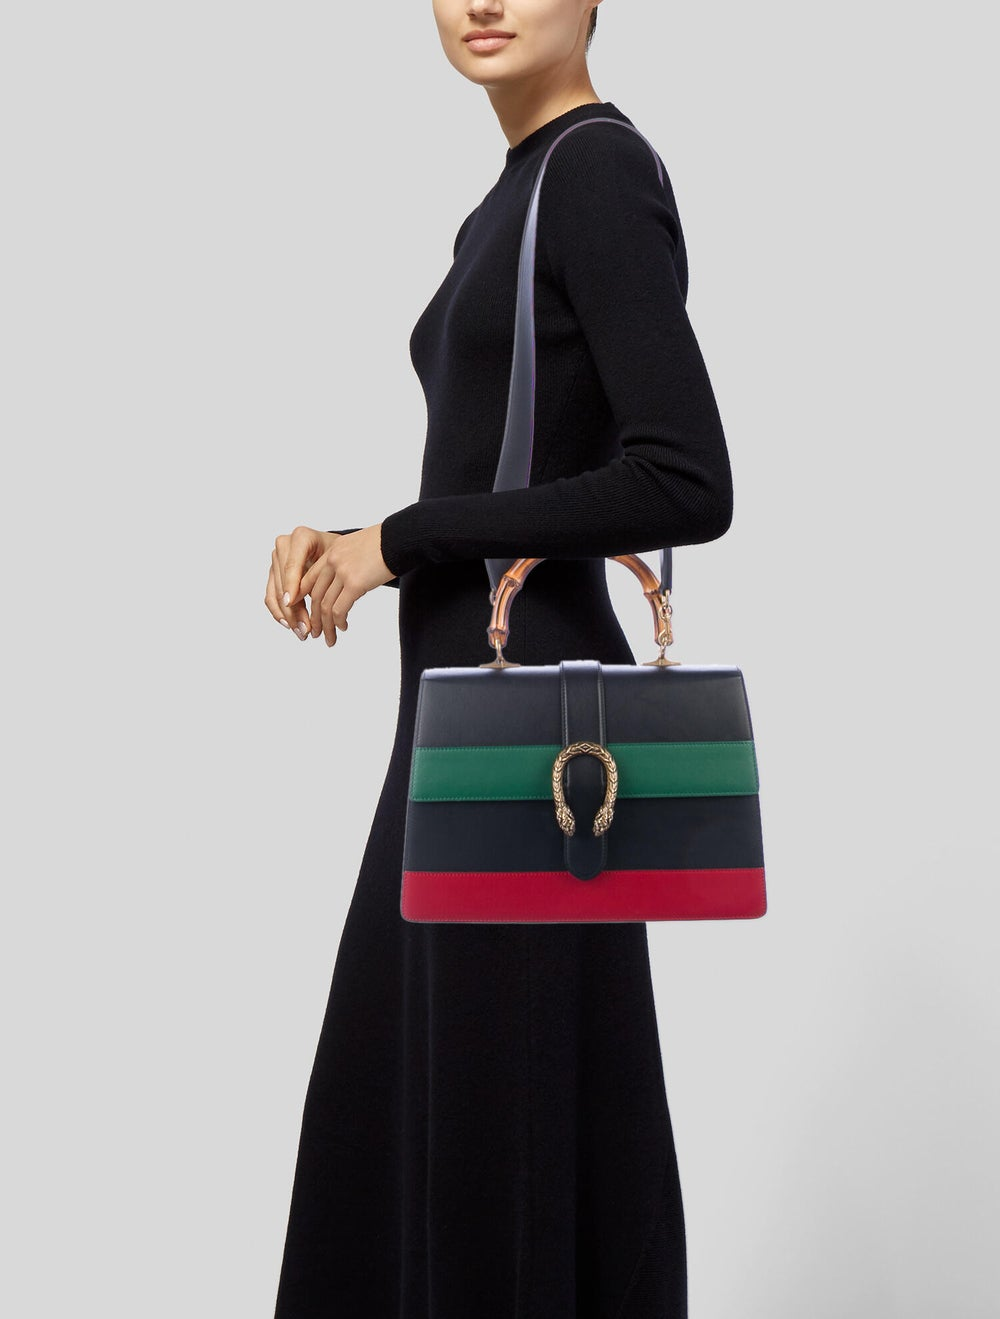 Gucci Large Dionysus Bamboo Handle Bag Black - image 2